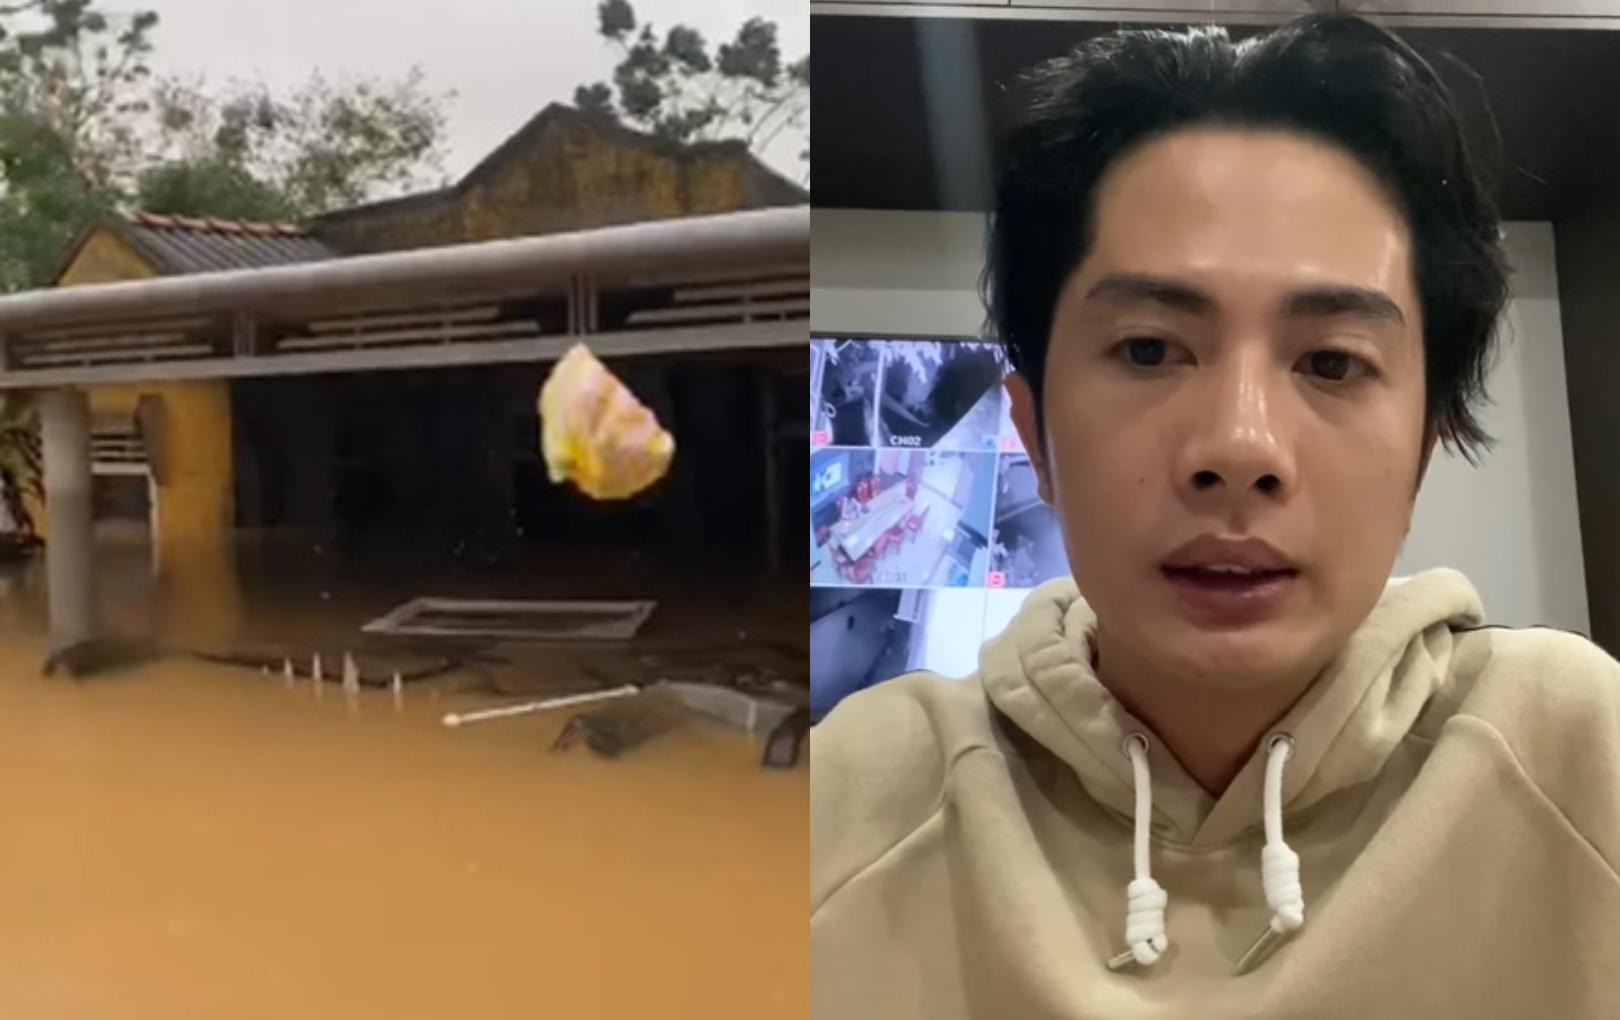 Huỳnh Phương lên tiếng khi đoàn thiện nguyện gây tranh cãi vì ném quà cứu trợ cho người dân